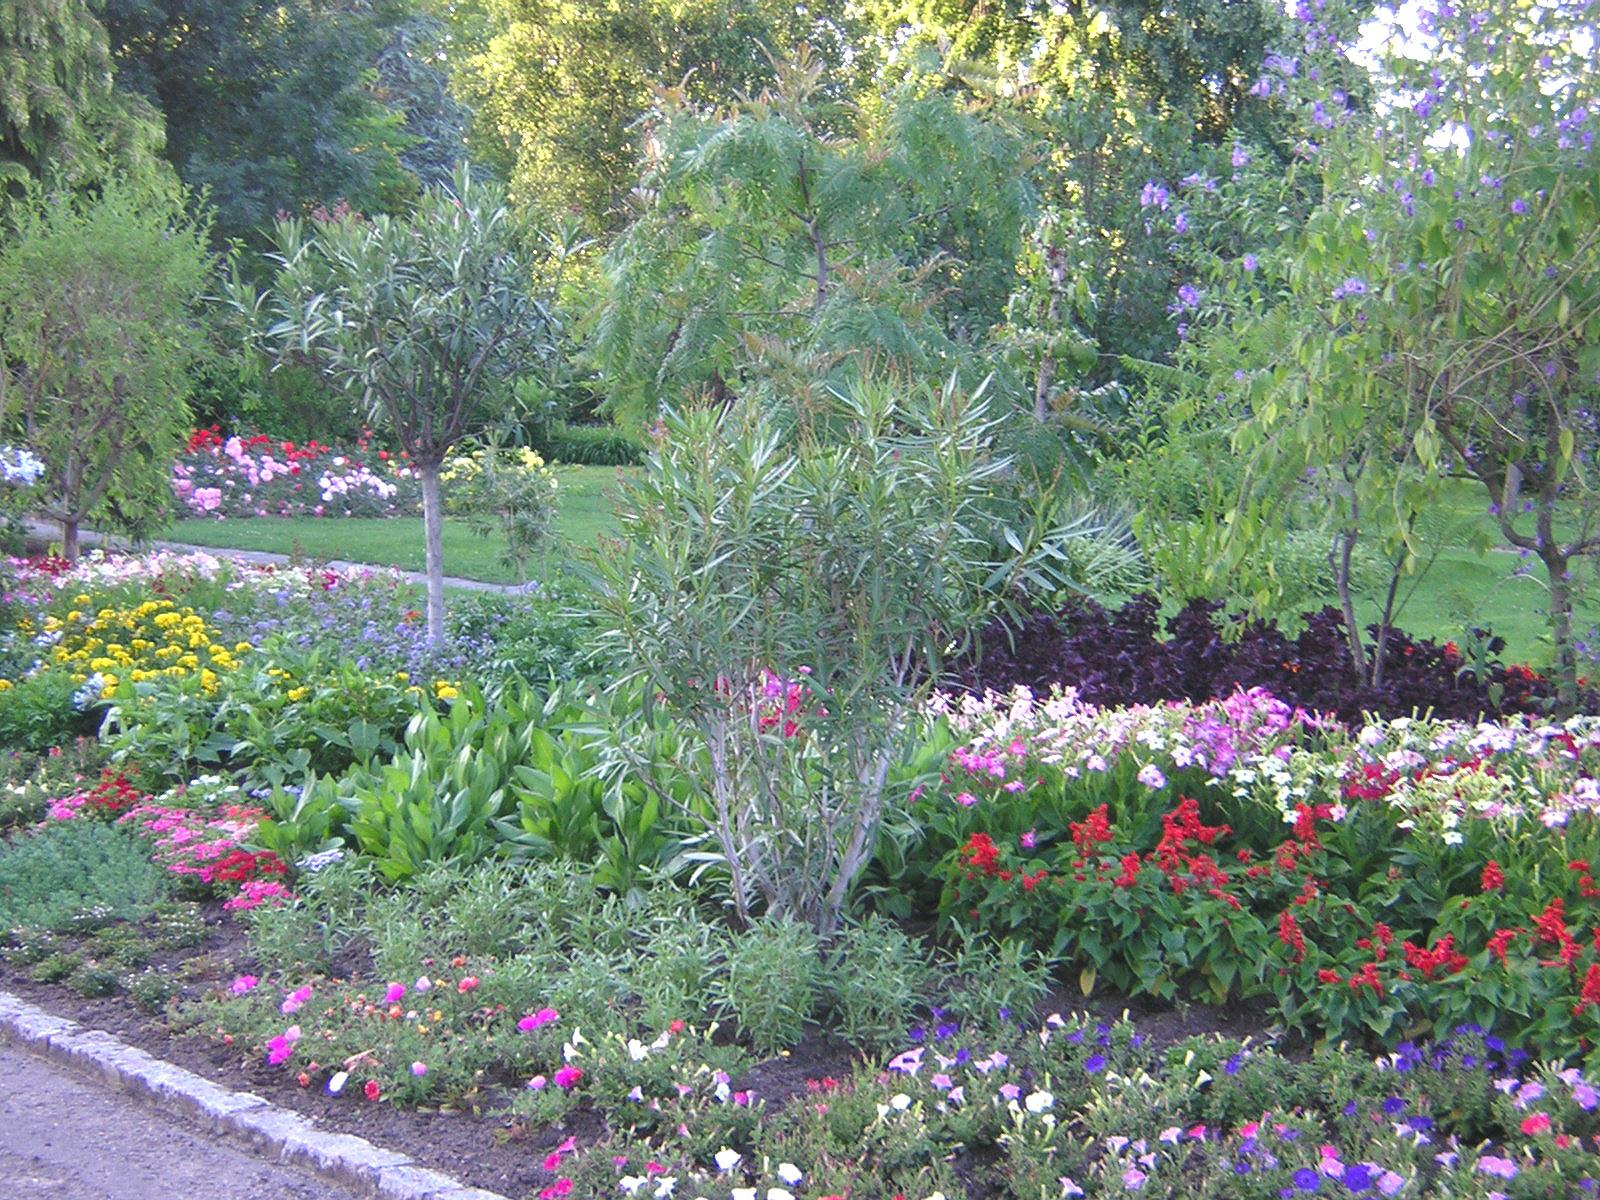 Le jardin anglais de vesoul abeilles et petites mains for Image de jardin anglais